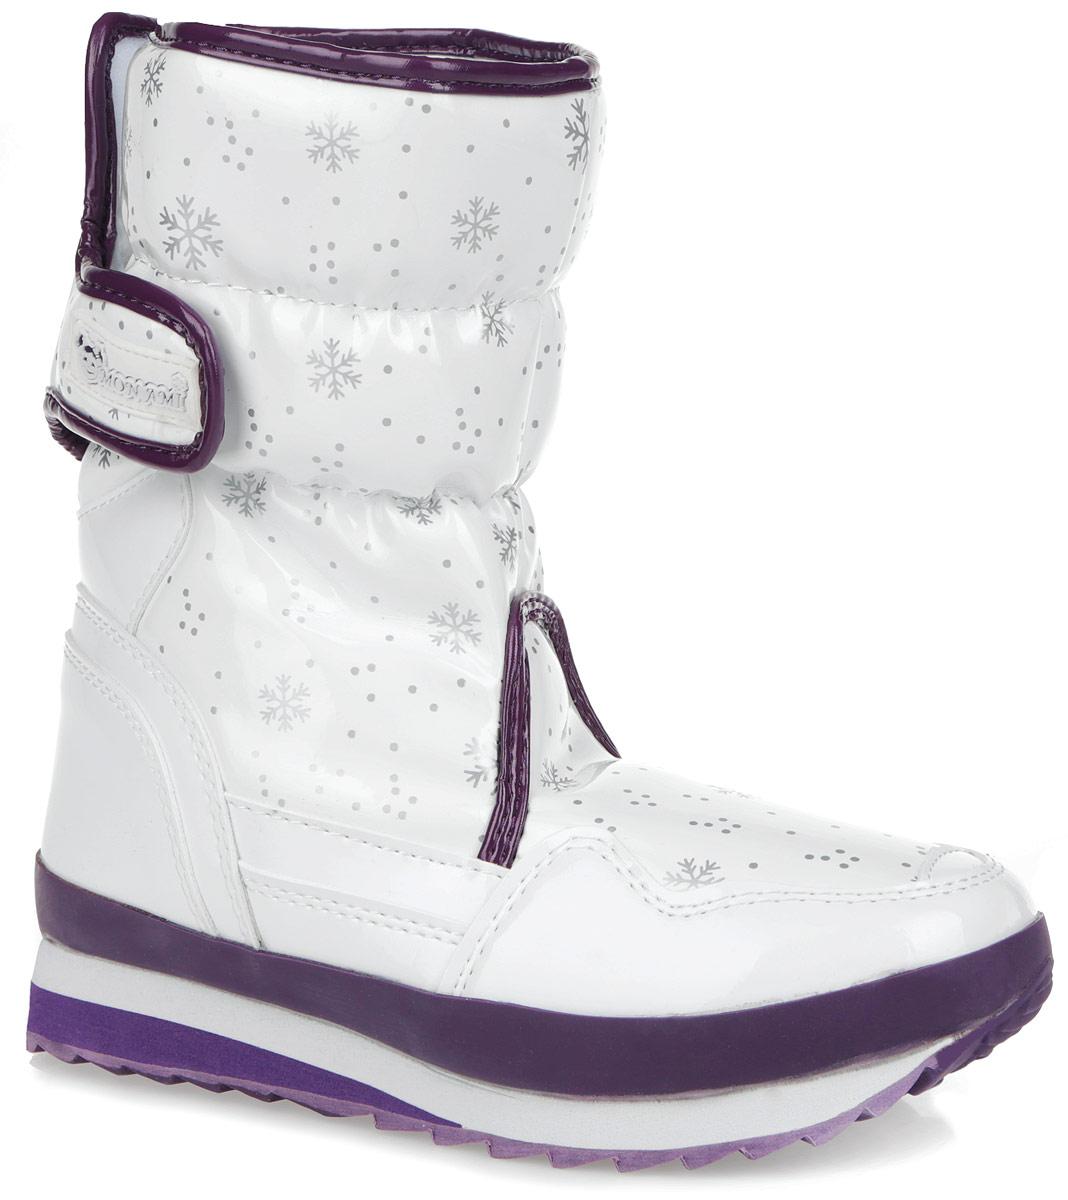 RC825-2-59/WHITE+ROYALПрактичные и удобные женские дутики от Mon Ami - отличный вариант на каждый день. Модель выполнена из искусственной лаковой кожи с отделкой контрастного цвета и декорирована оригинальным рисунком в виде снежинок. По ранту обувь дополнена вставкой из полимерного материала. Верх изделия оформлен двумя удобными застежками-липучками, которые надежно фиксируют модель на ноге и регулируют объем. Подкладка и анатомическая стелька, изготовленные из искусственного меха, согреют ноги в мороз и обеспечат уют. Сбоку дутики украшены нашивкой из ПВХ с логотипом бренда. Подошва из полимерного термопластичного материала - с противоскользящим рифлением. Удобные дутики придутся вам по душе.